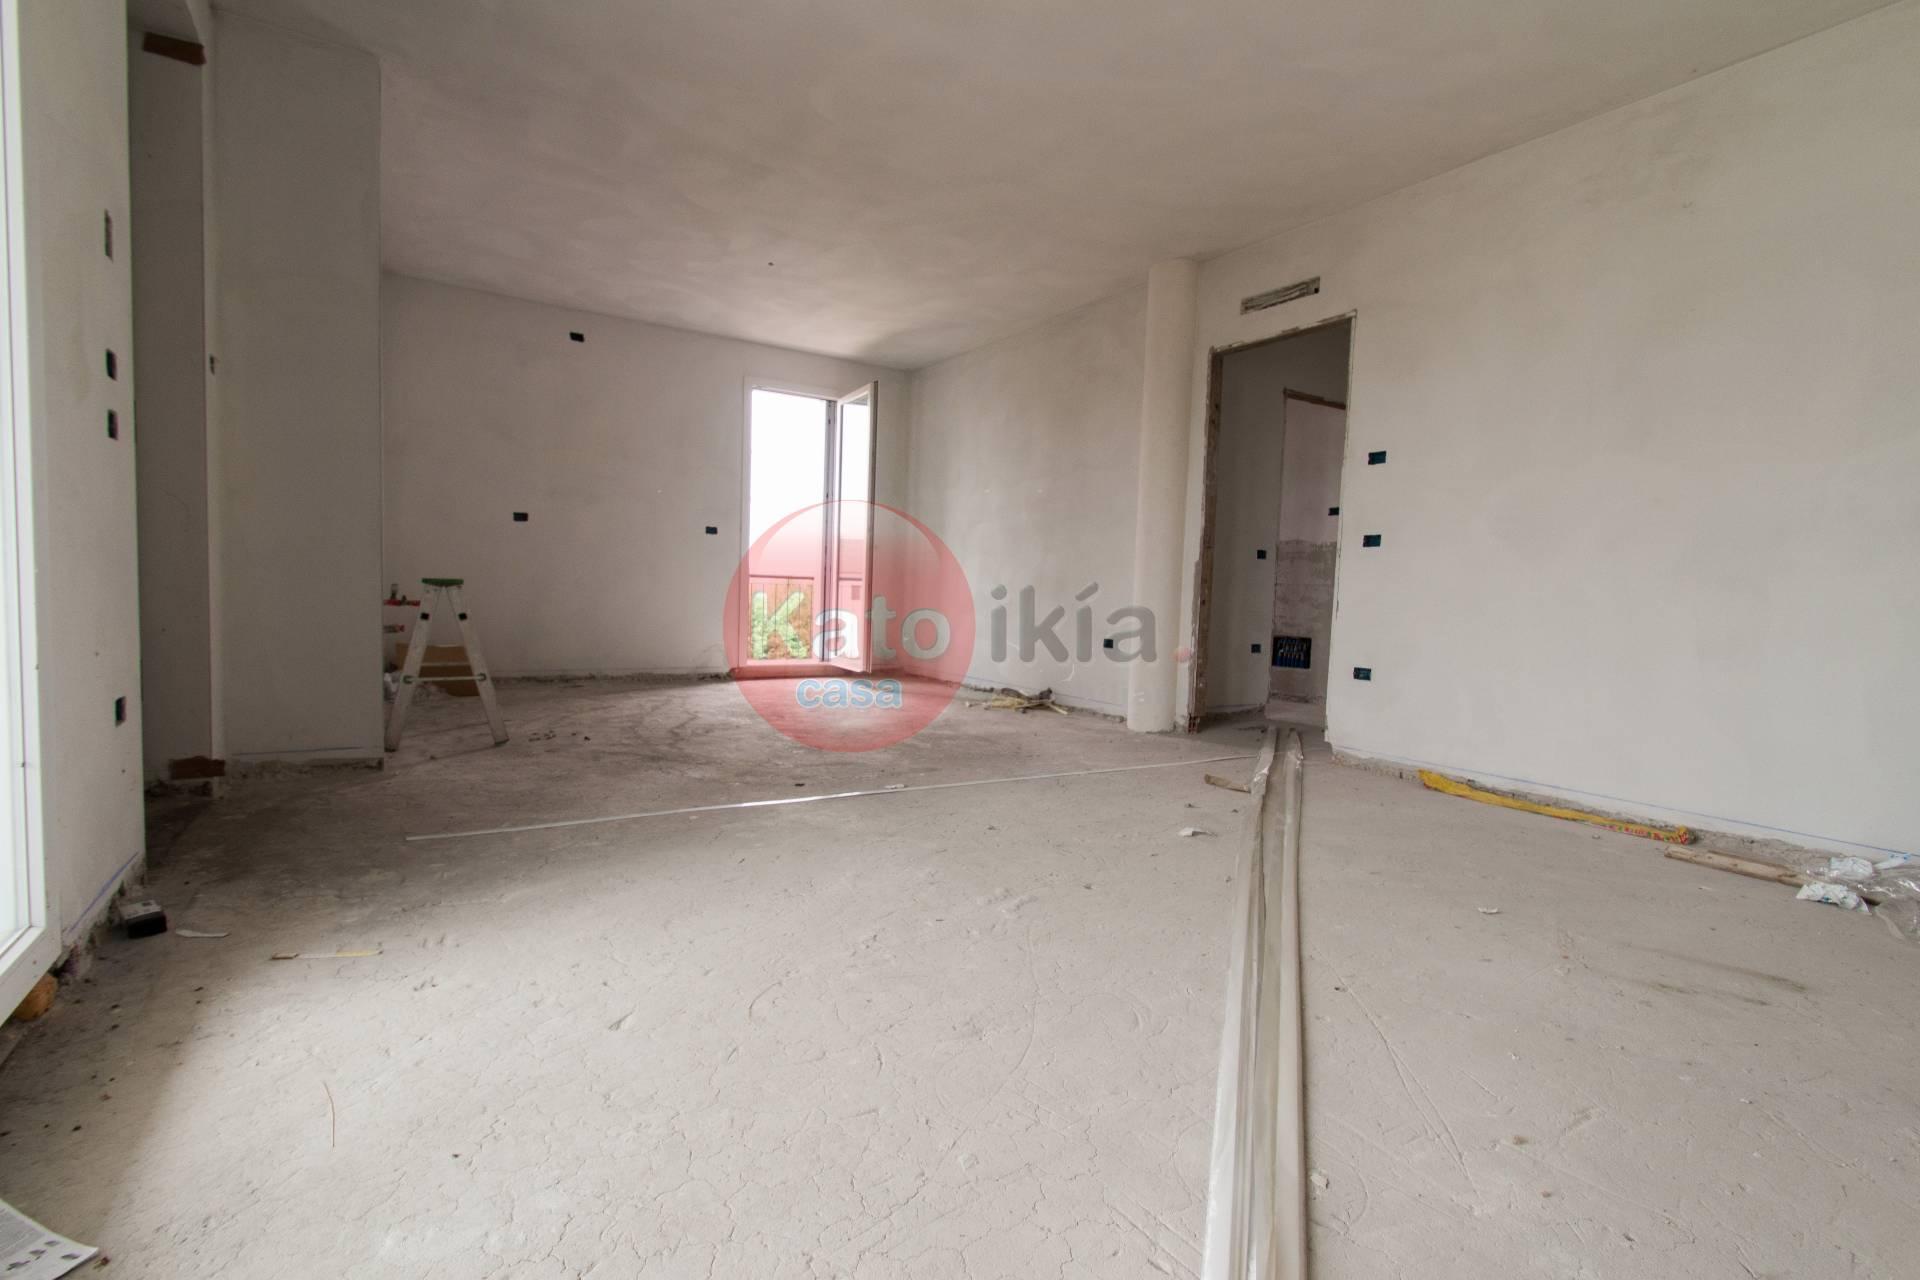 Appartamento in vendita a Albaredo d'Adige, 4 locali, prezzo € 130.000 | CambioCasa.it